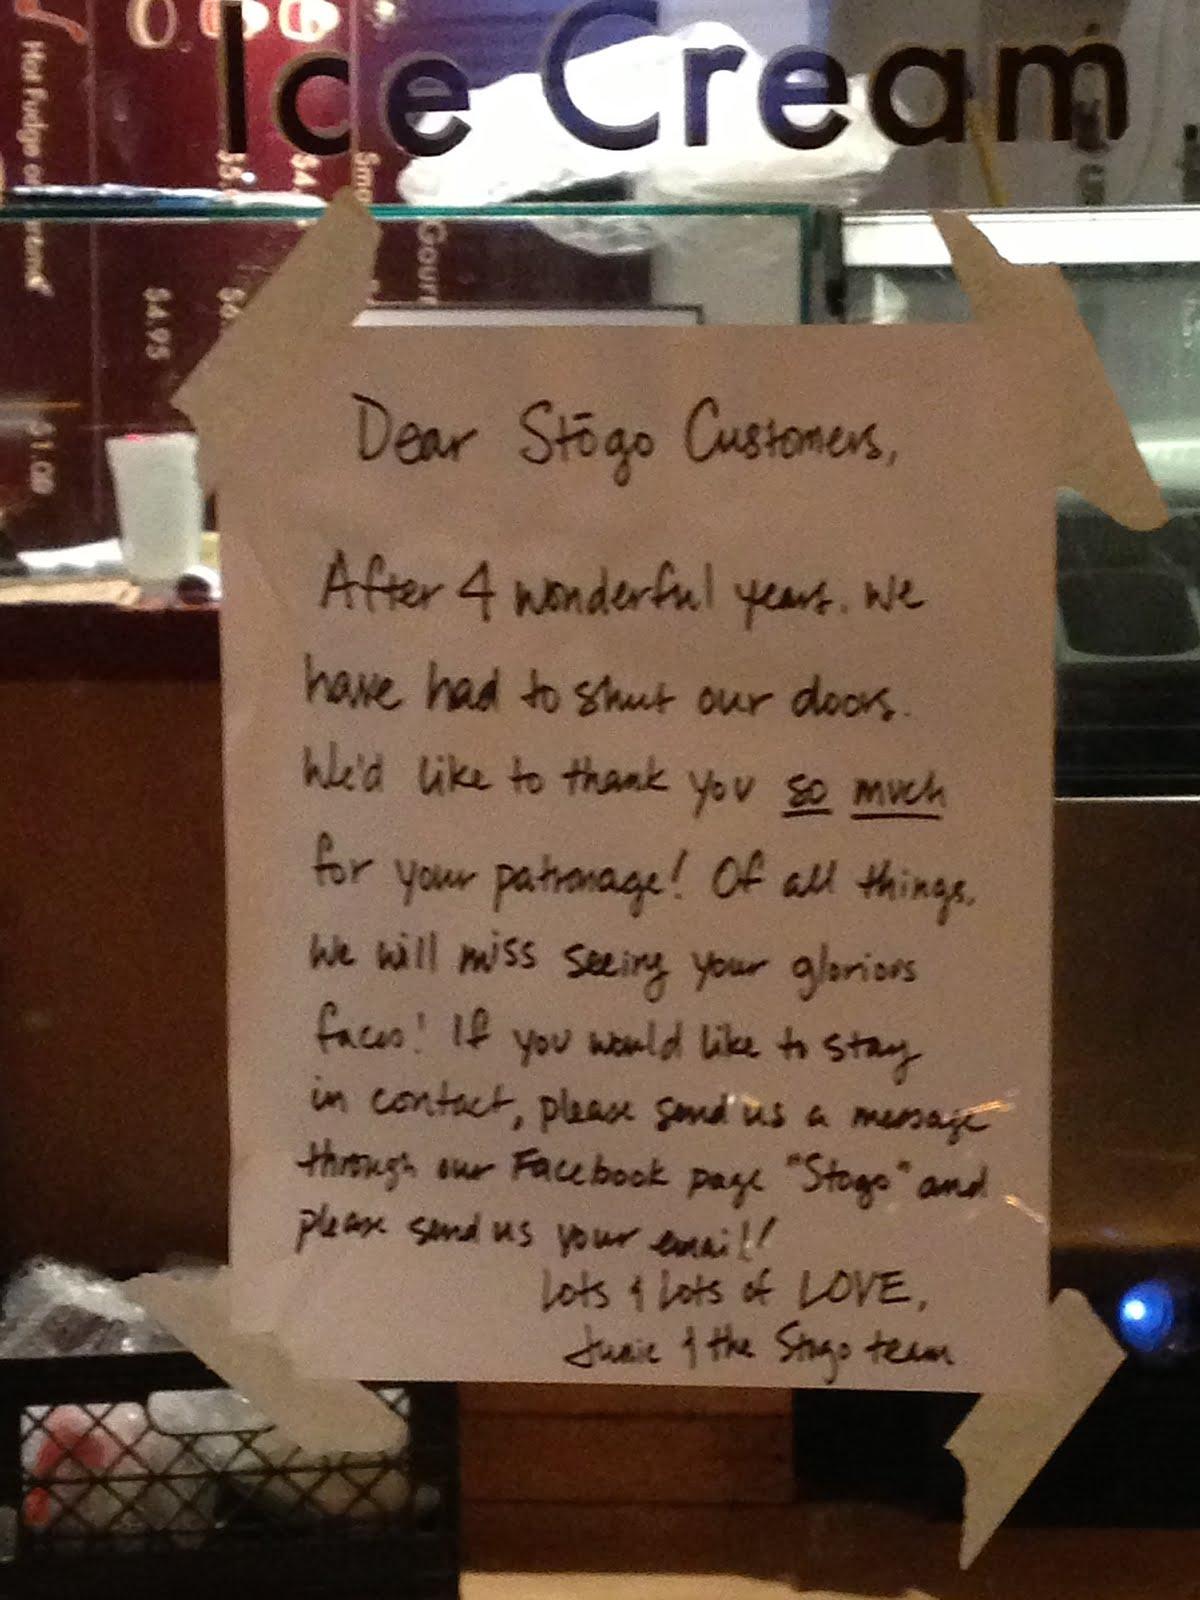 EV Grieve Stogo says goodbye – Goodbye Note